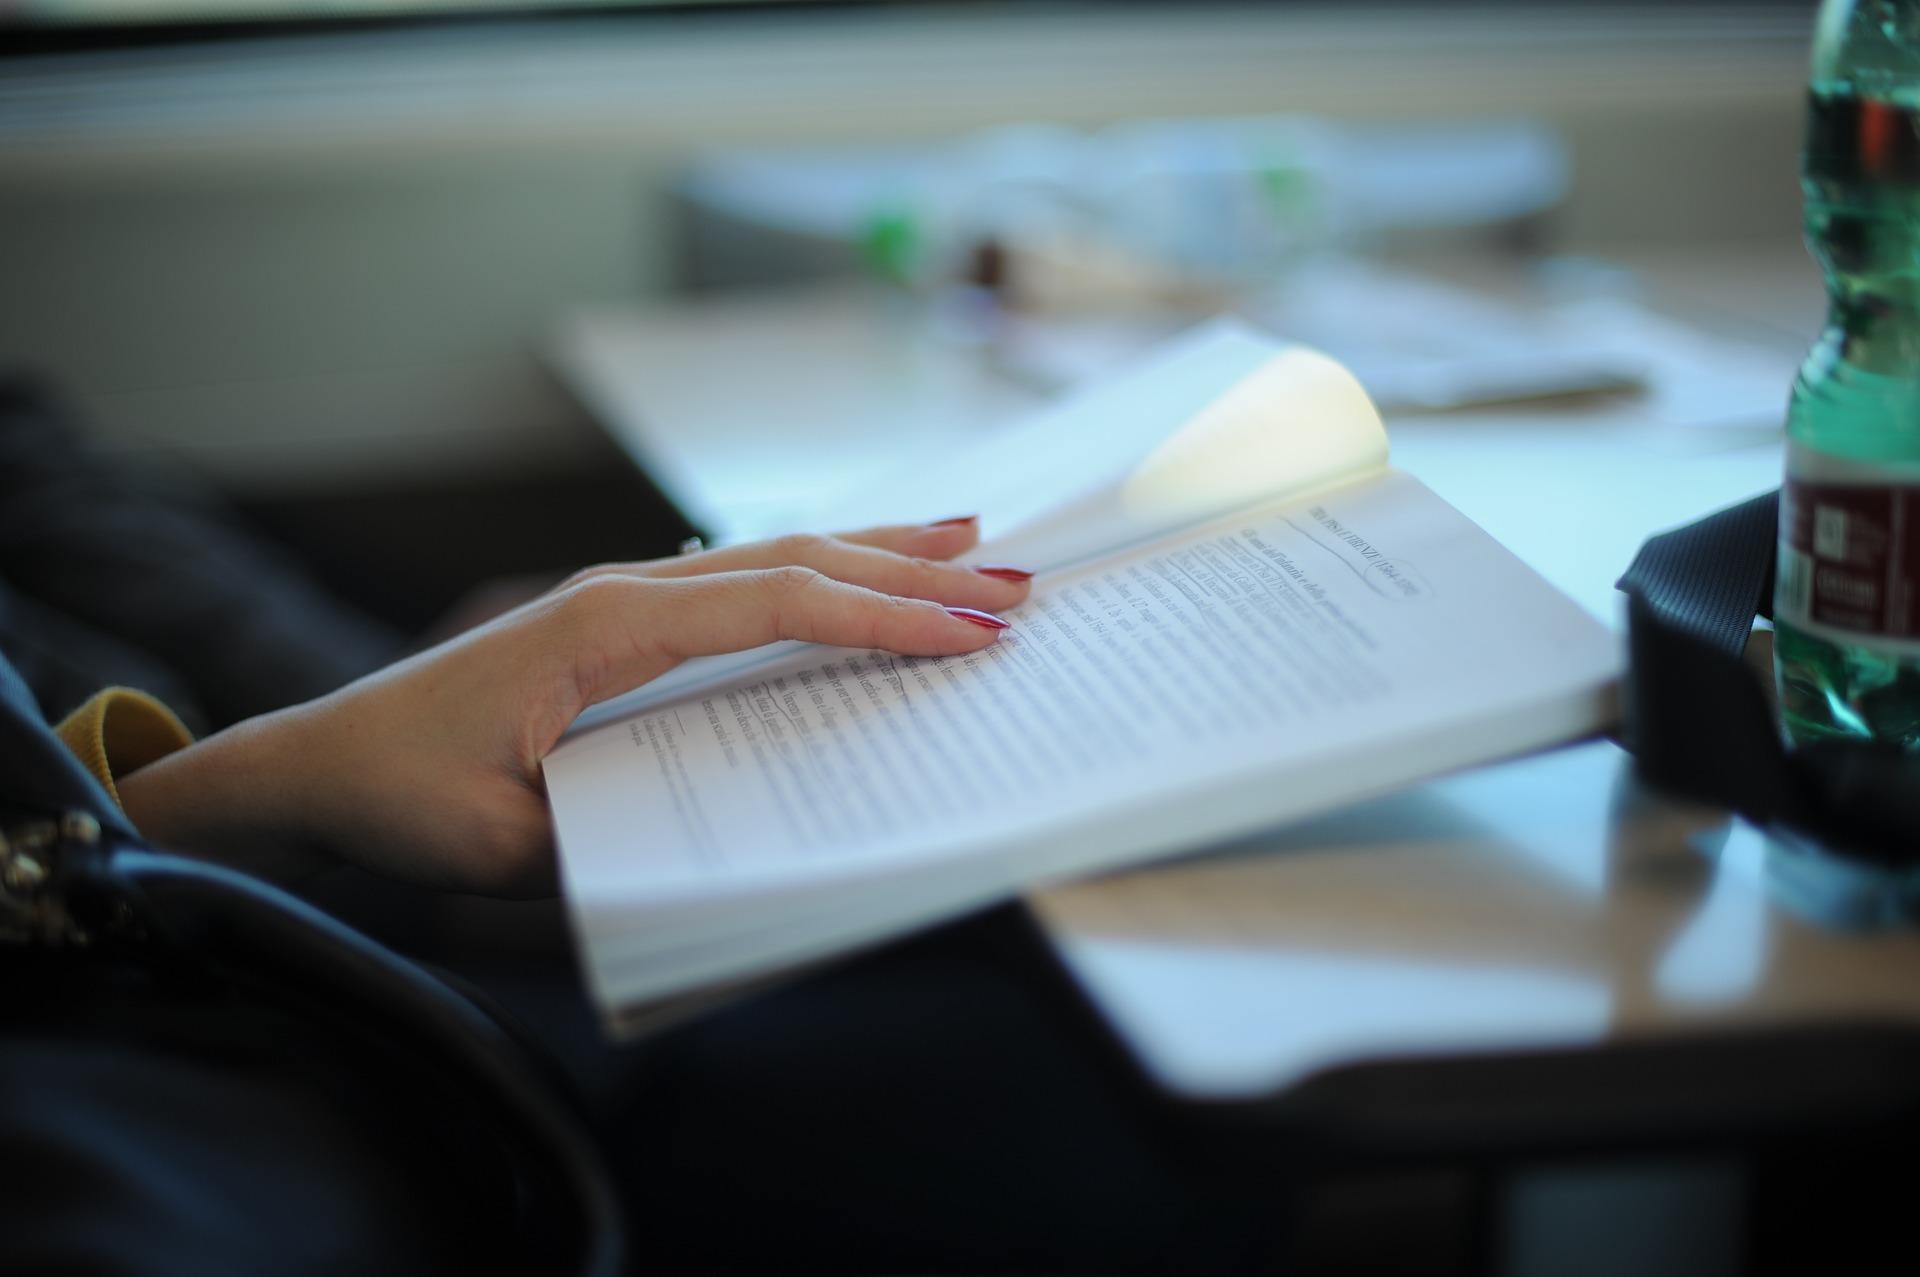 Cómo leer más - Abre un libro